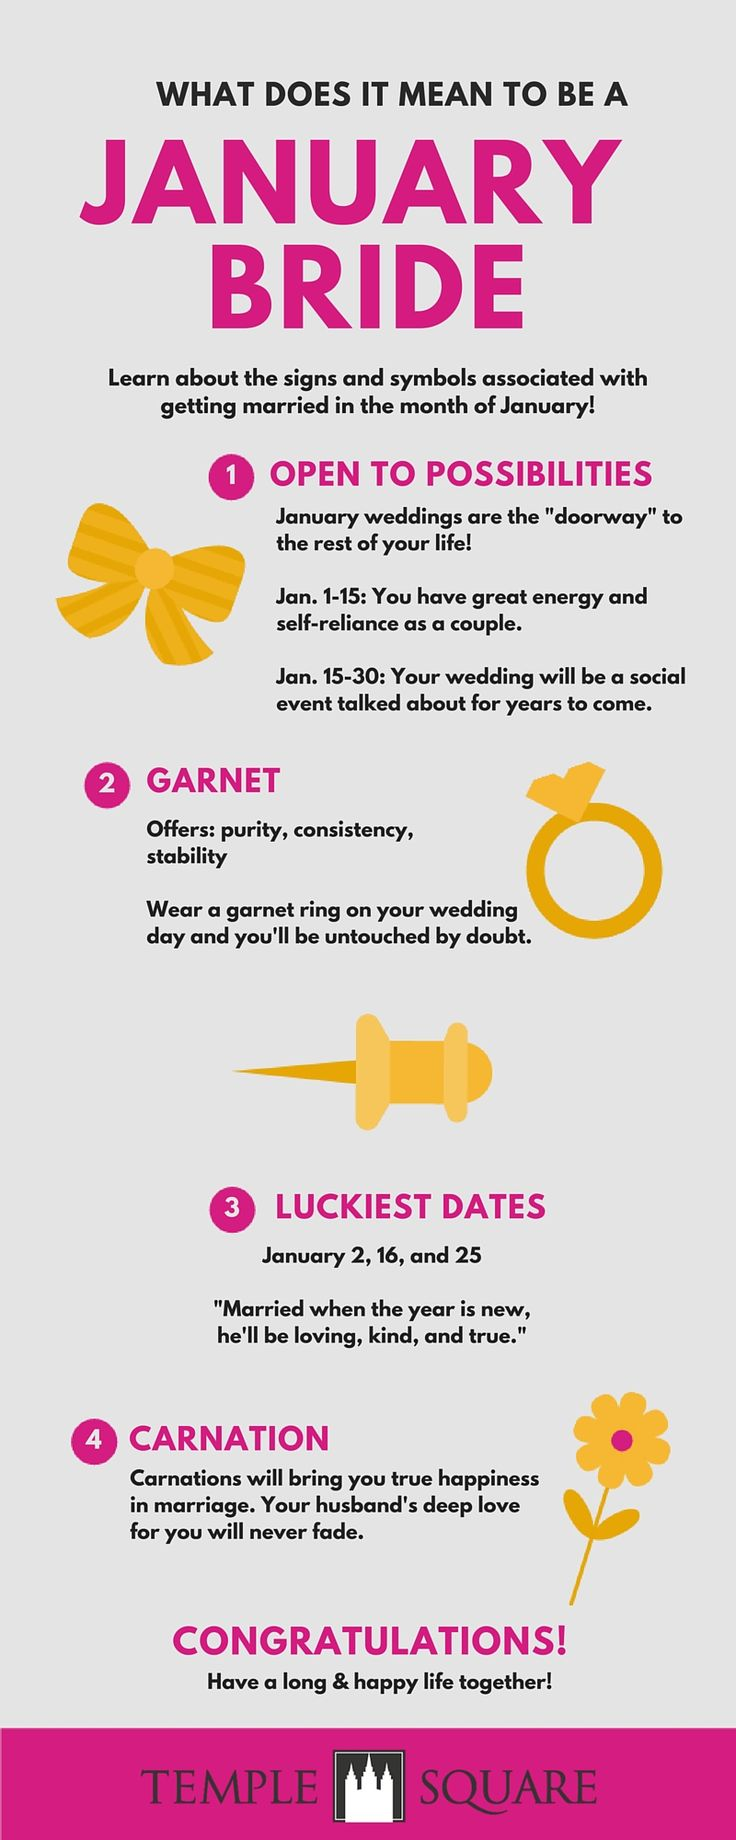 Hochzeitssymbole für Januar-Bräute